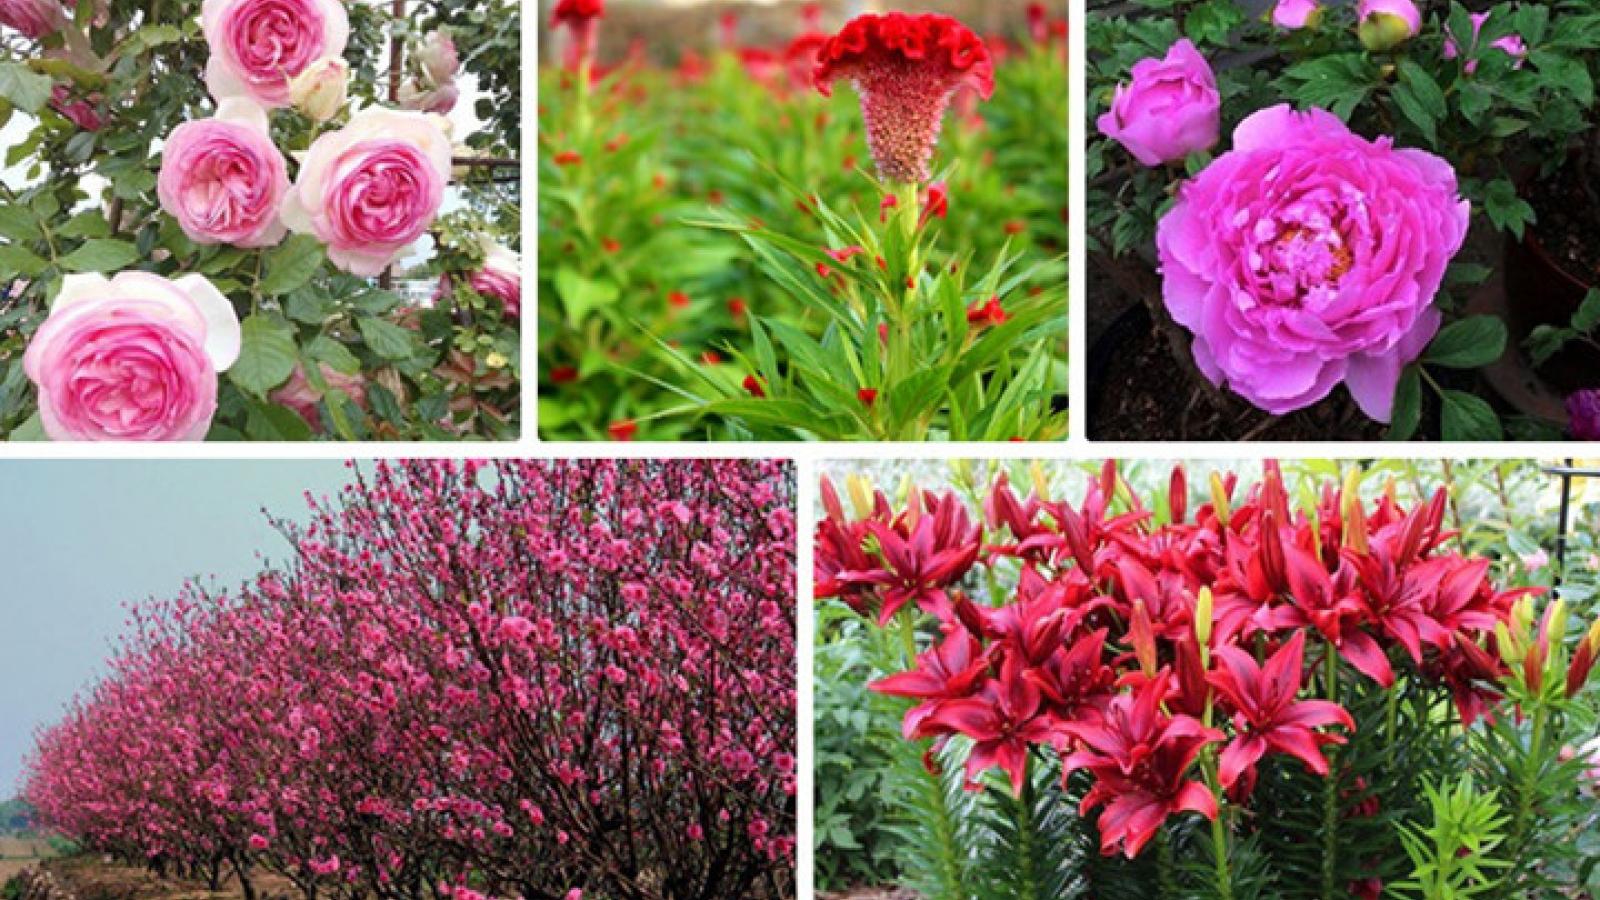 Novel flowers for Tet